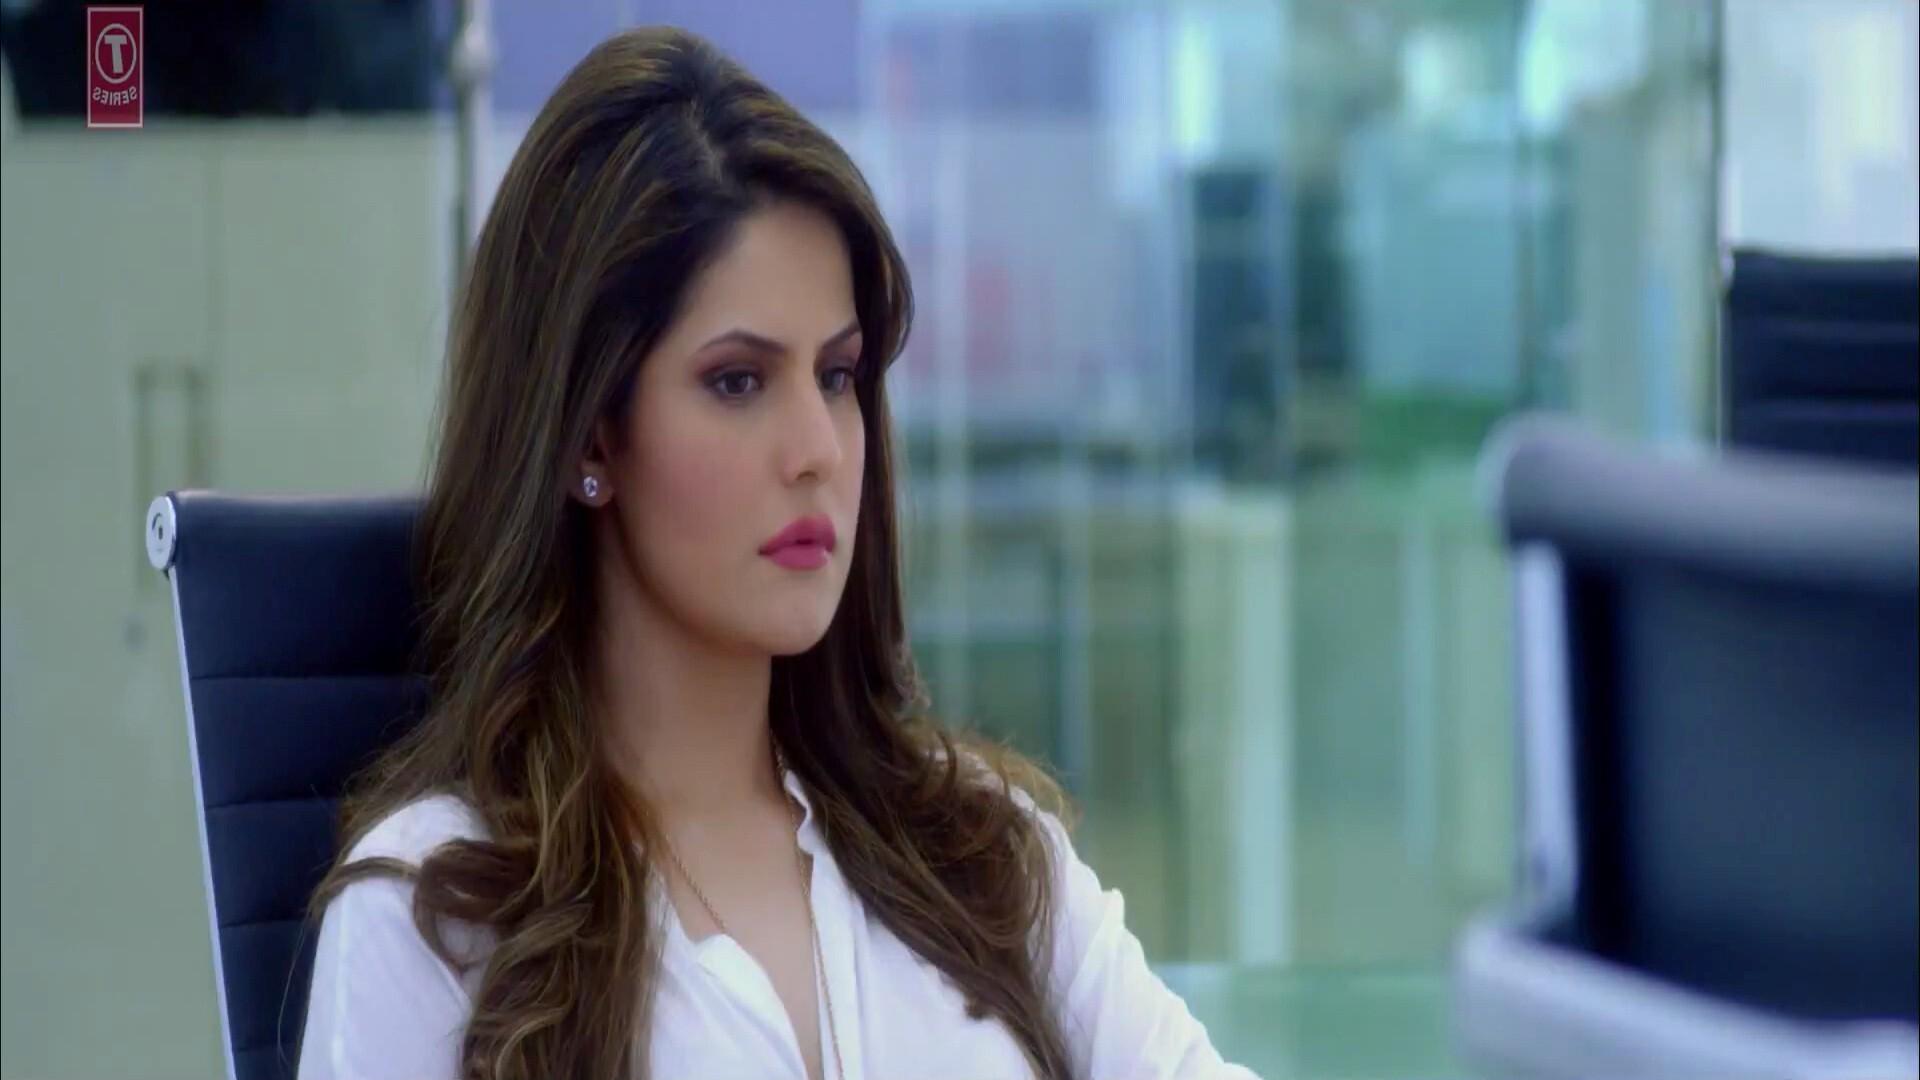 Zarine khan in hate story 3 bollywood film hd wallpapers - Hate story heroine ...